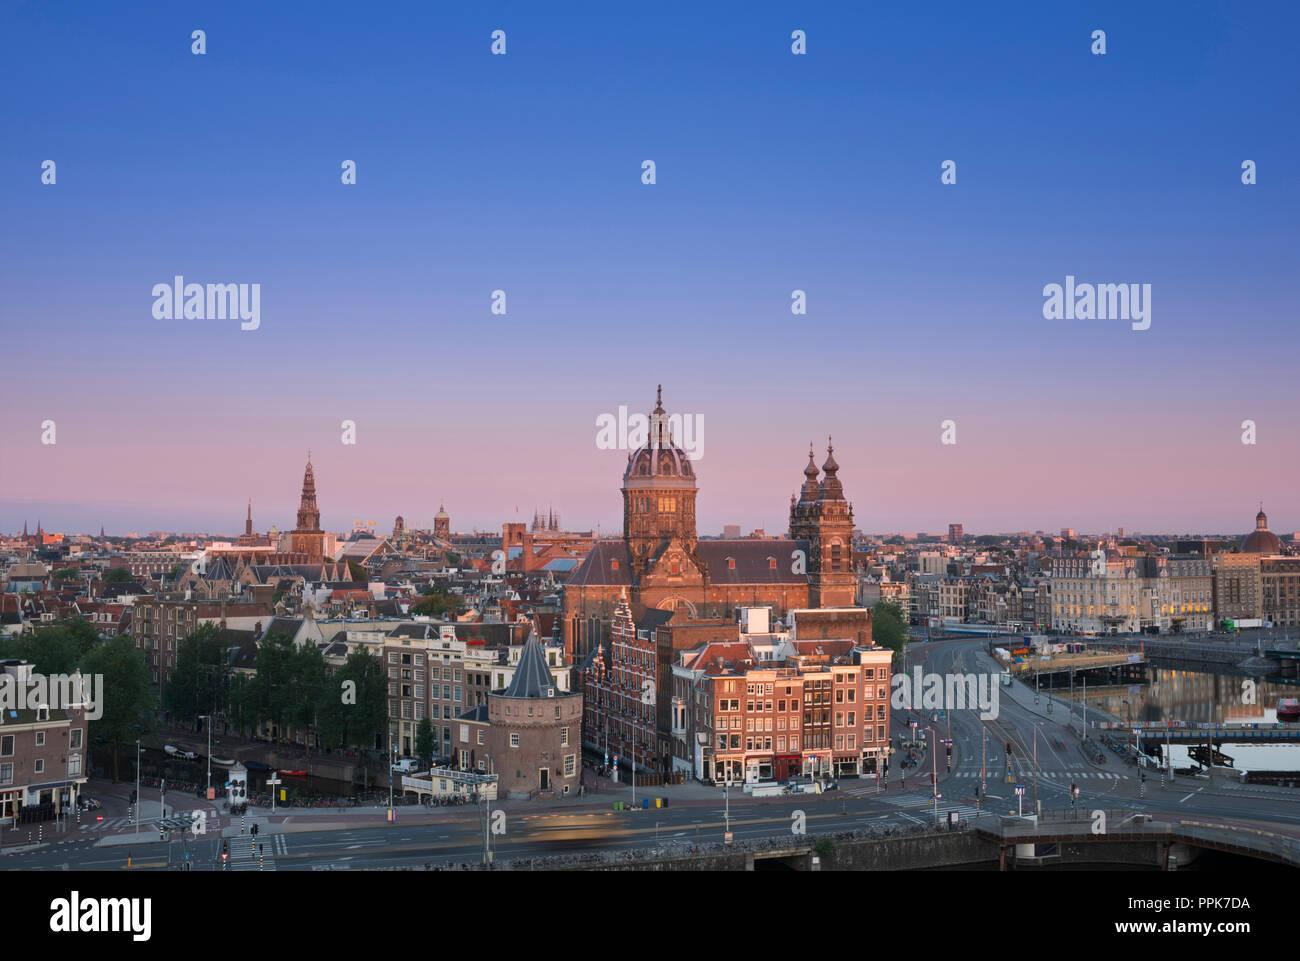 Licht Tour Amsterdam : Skyline amsterdam niederlande in schönen morgen licht mit saint